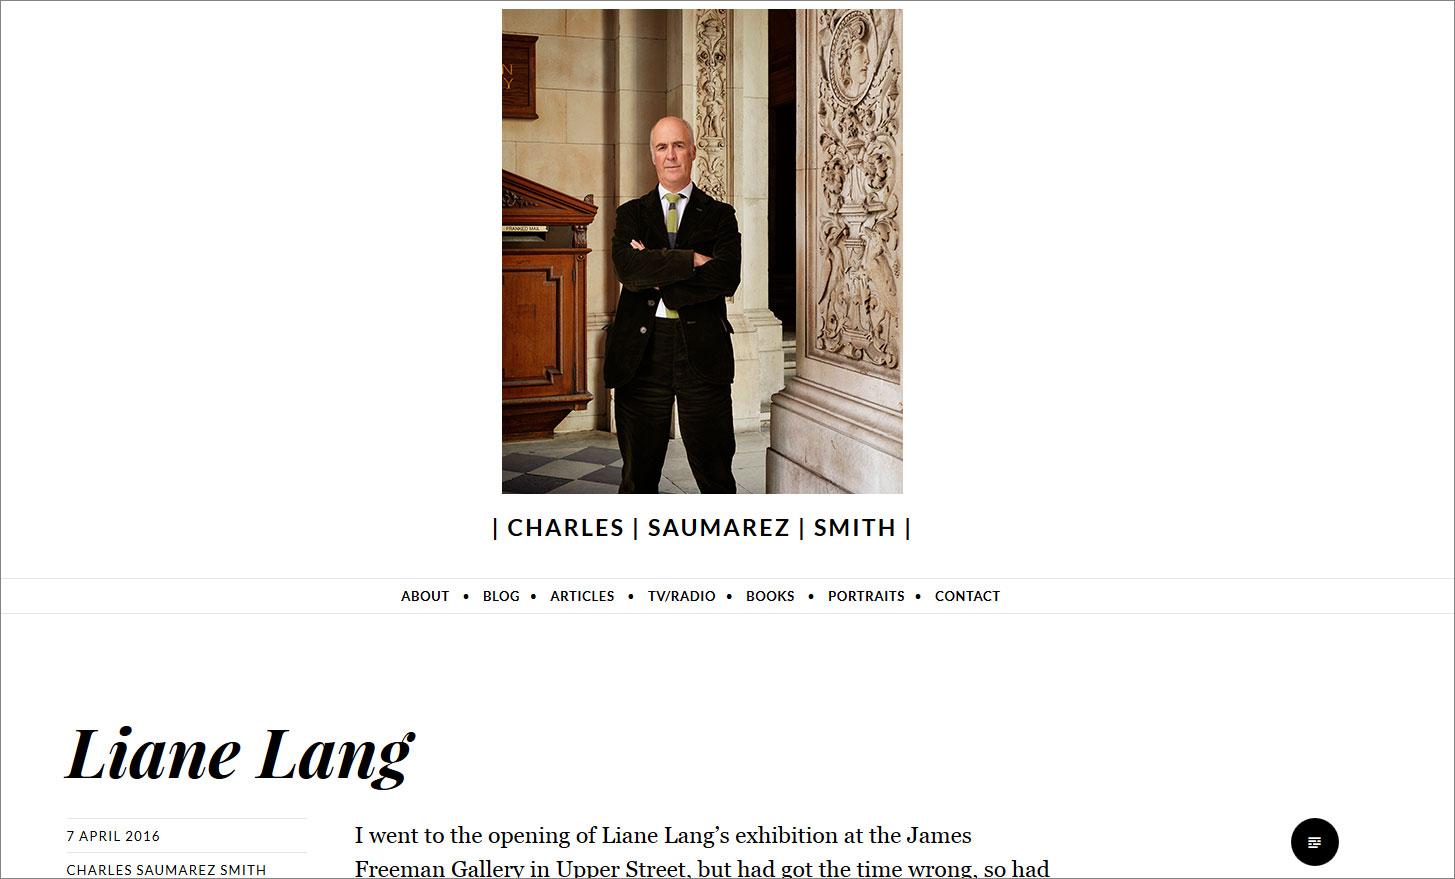 Charles Saumarez Smith on Liane Lang